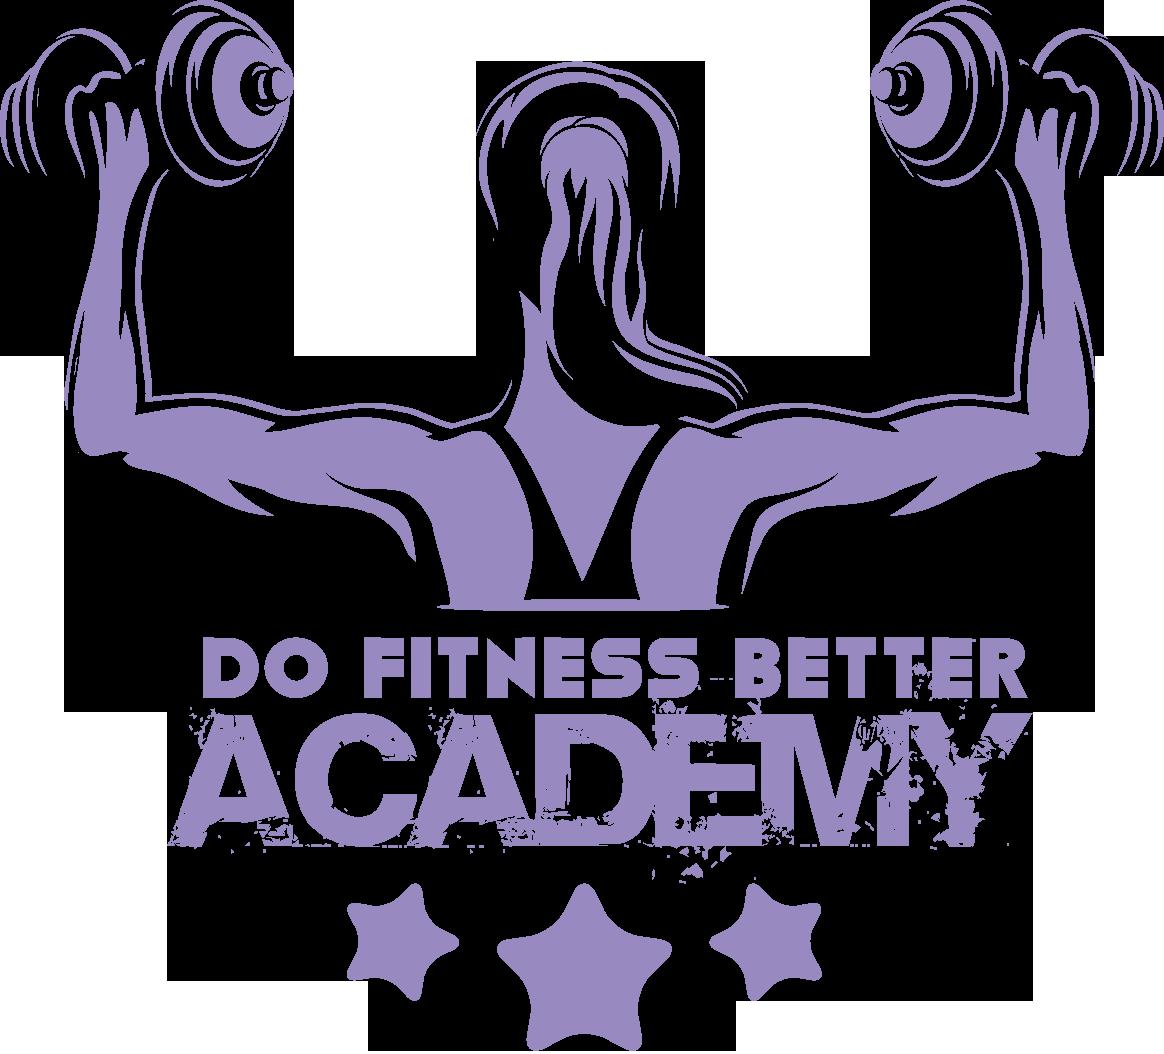 Do fitness better academy. Weight clipart workout gear